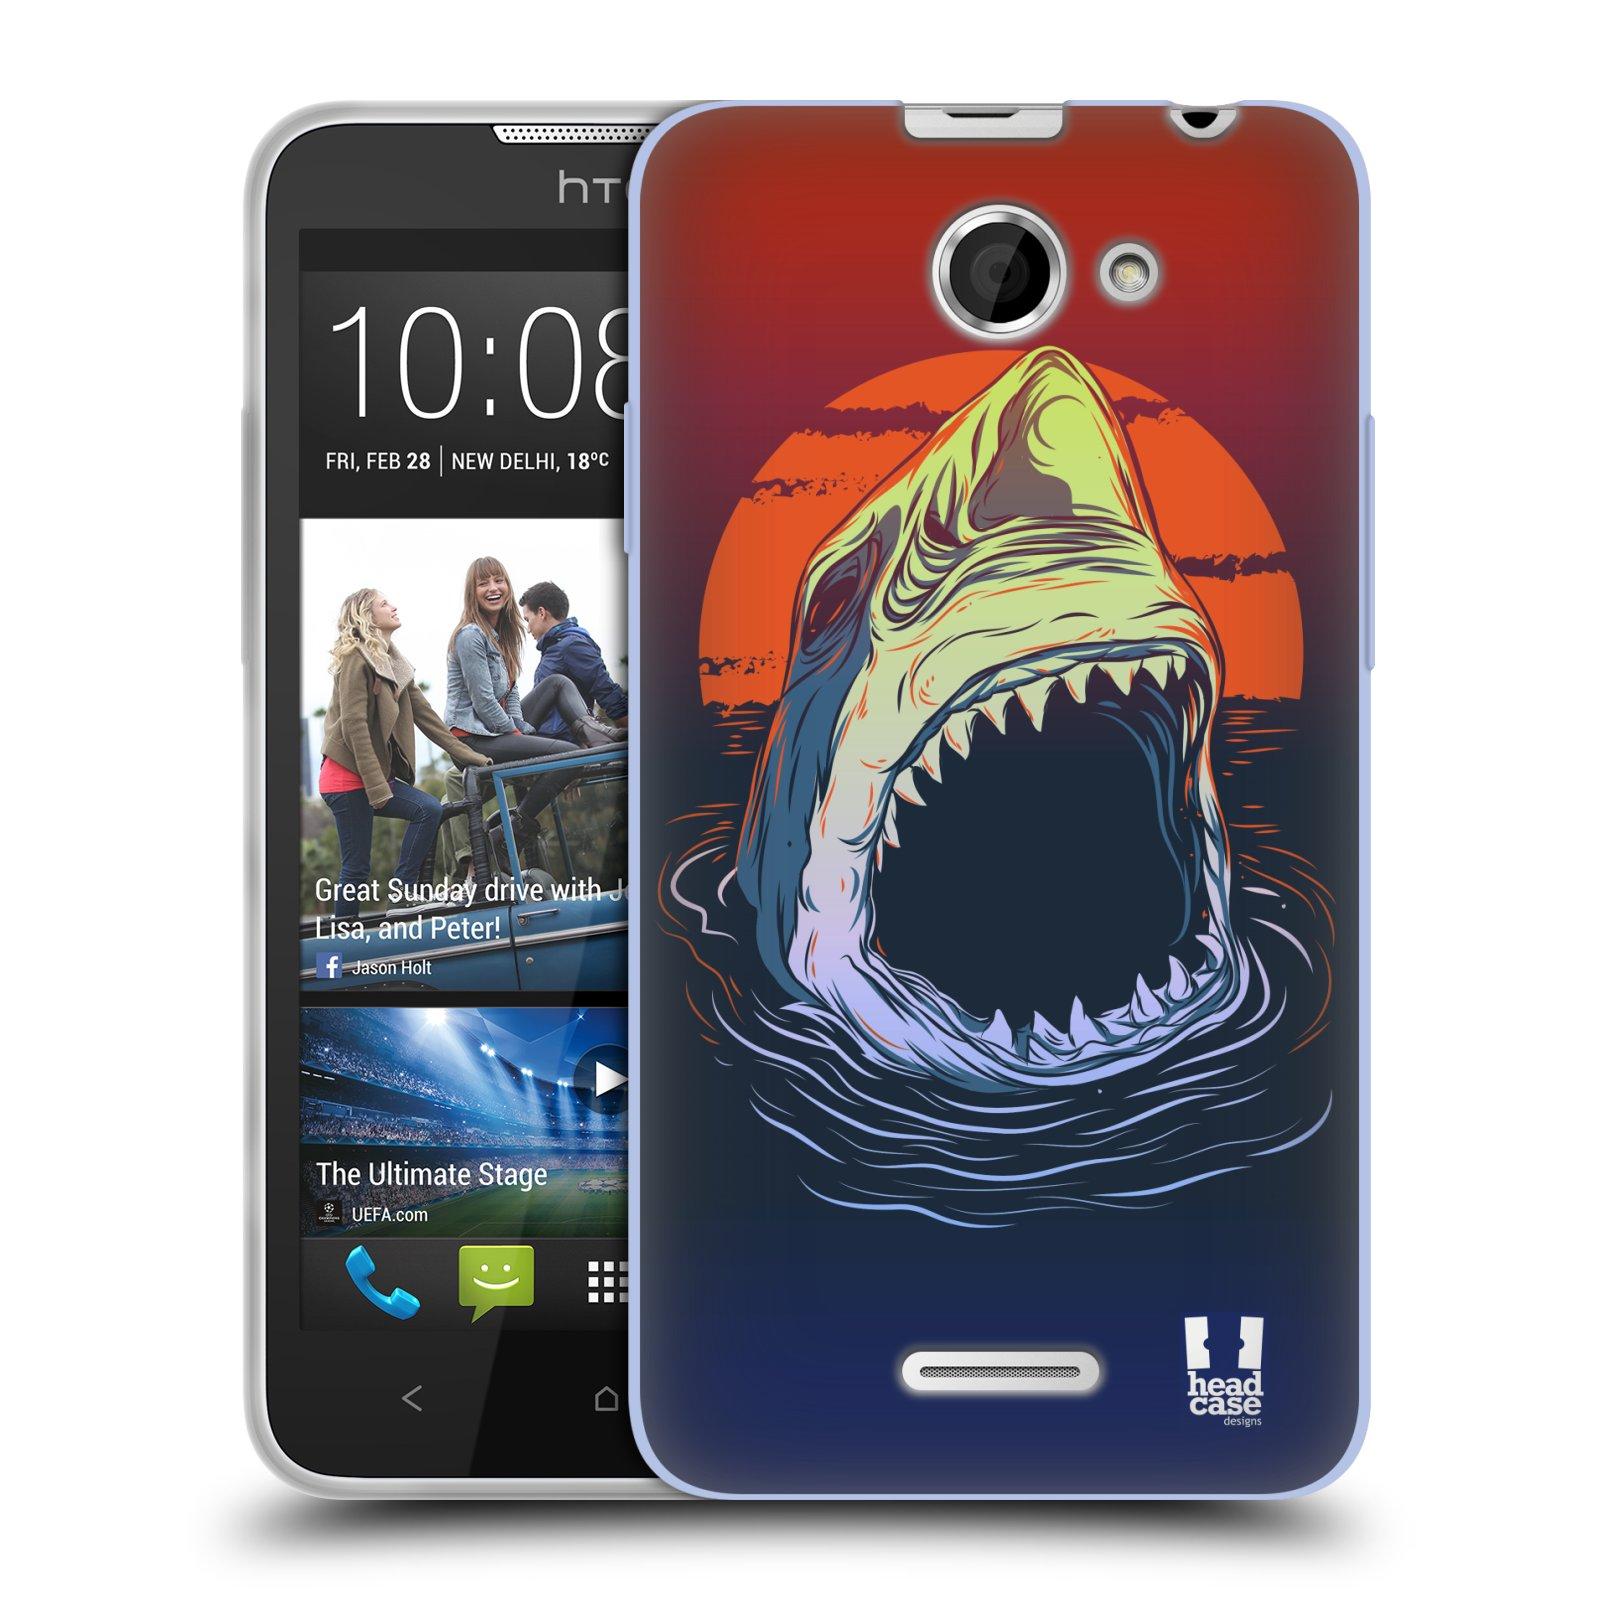 Silikonové pouzdro na mobil HTC Desire 516 HEAD CASE HLADOVÝ ŽRALOK (Silikonový kryt či obal na mobilní telefon HTC Desire 516 Dual SIM)